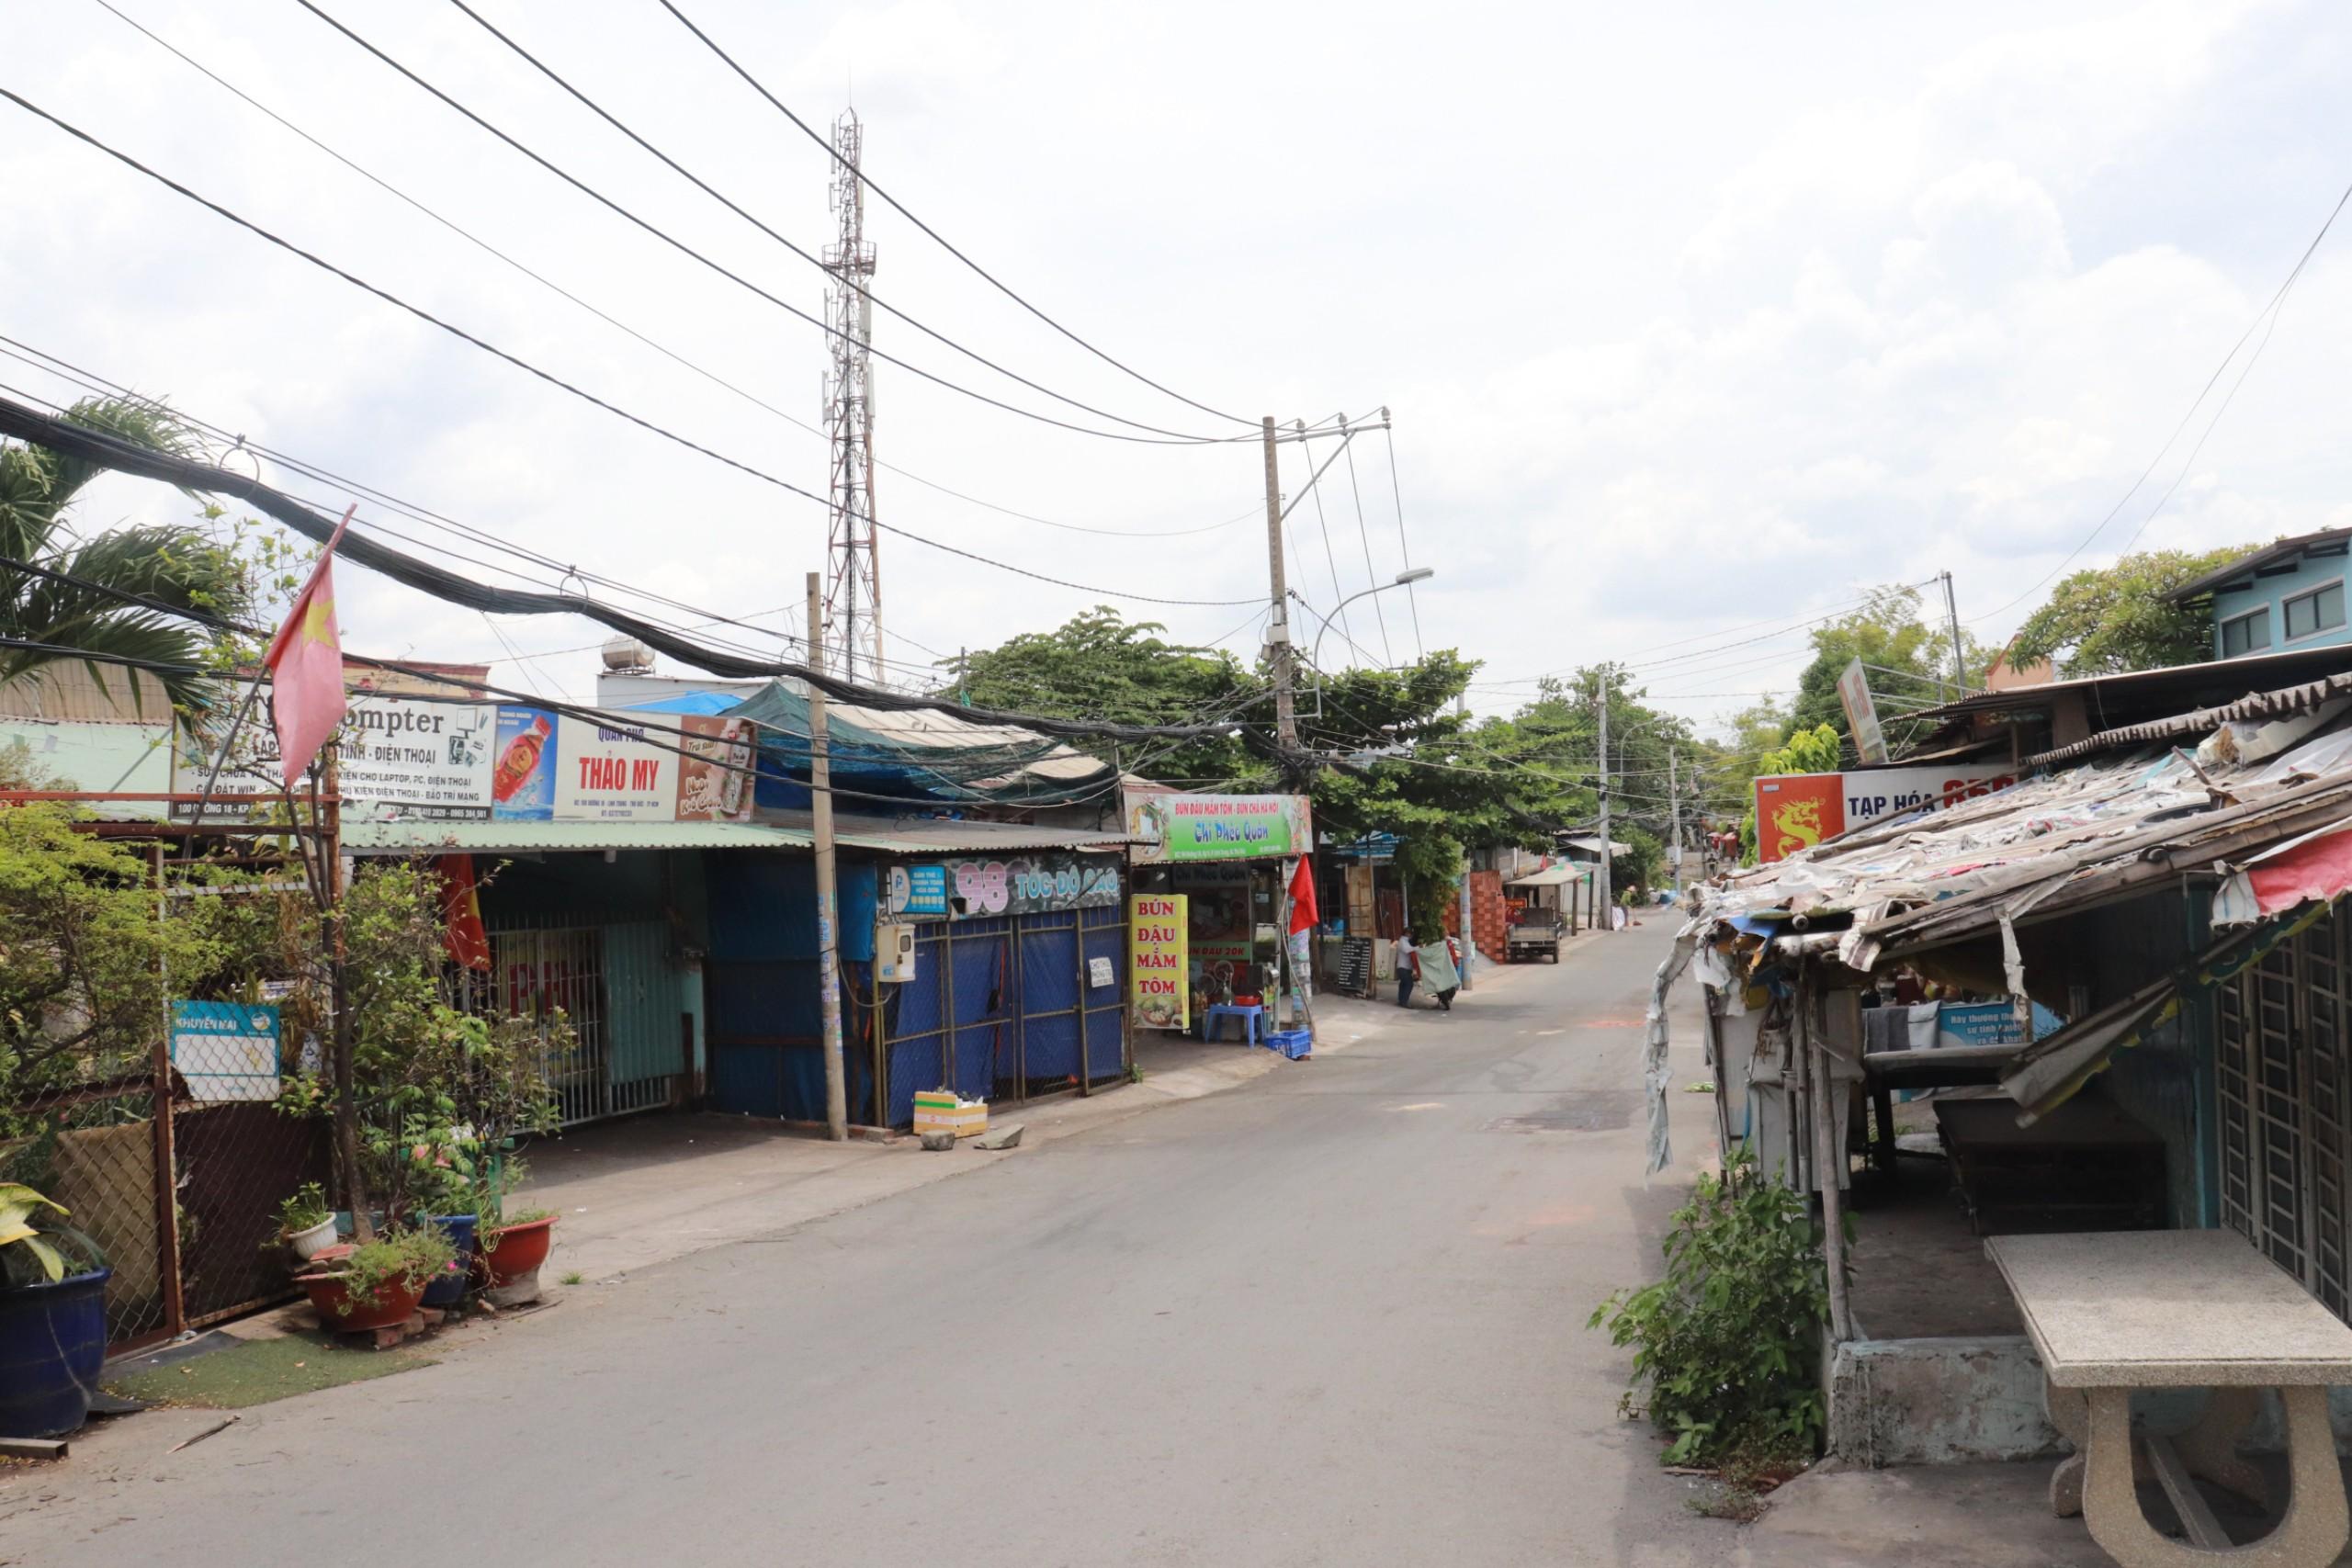 Ba khu đất dính quy hoạch ở phường Linh Trung, TP Thủ Đức - Ảnh 13.